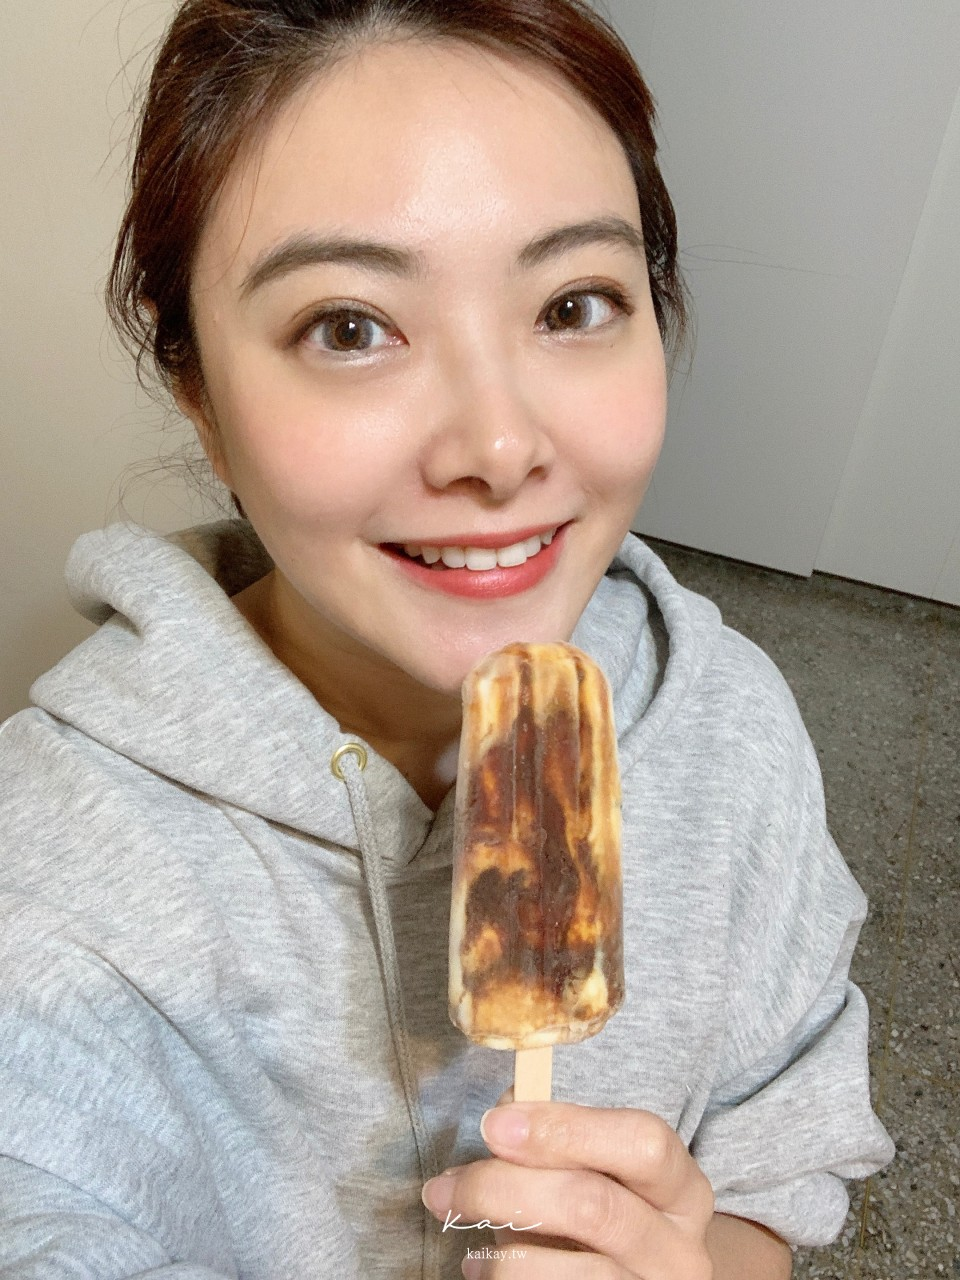 ☆【超商美食】小美黑糖珍奶雪糕。超耐吃、唯一支持的黑糖珍奶雪糕